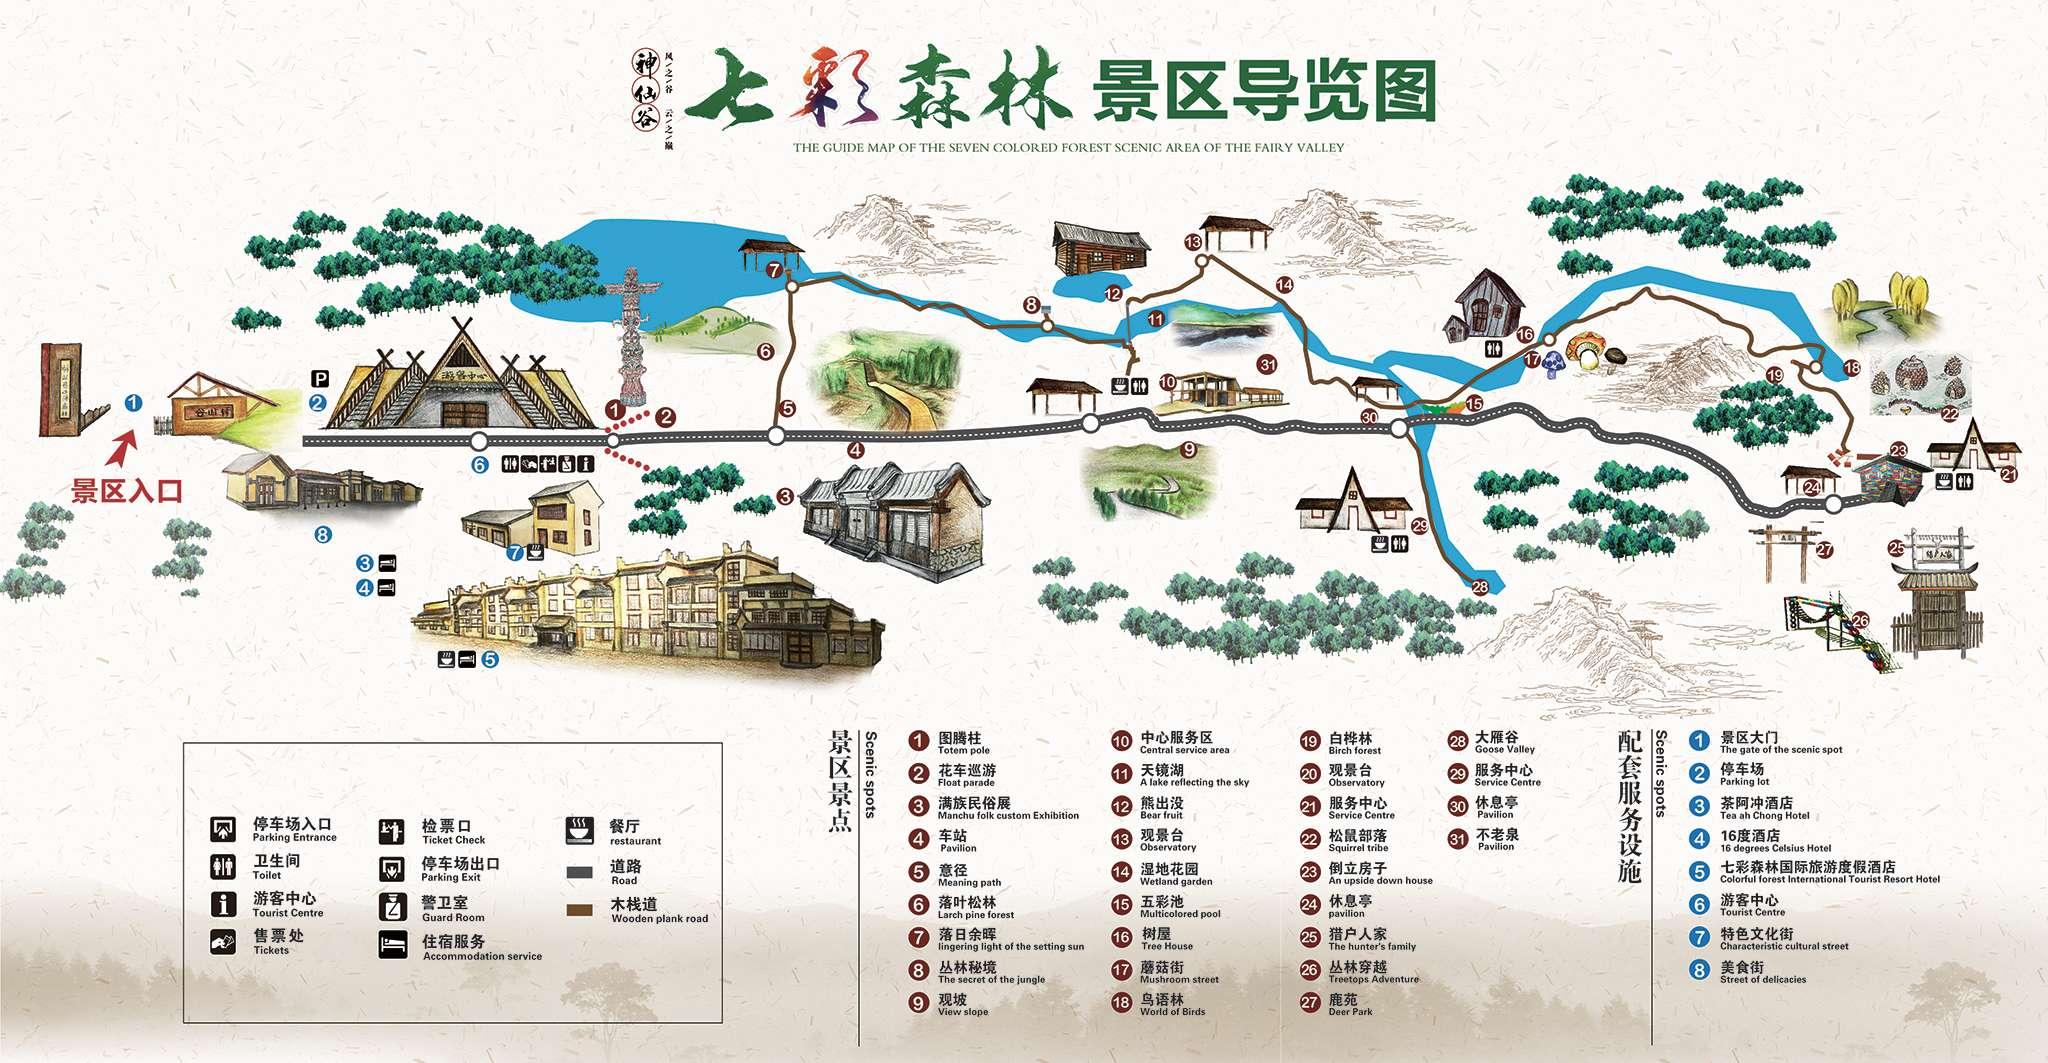 丰宁坝上·神仙谷七彩森林景区